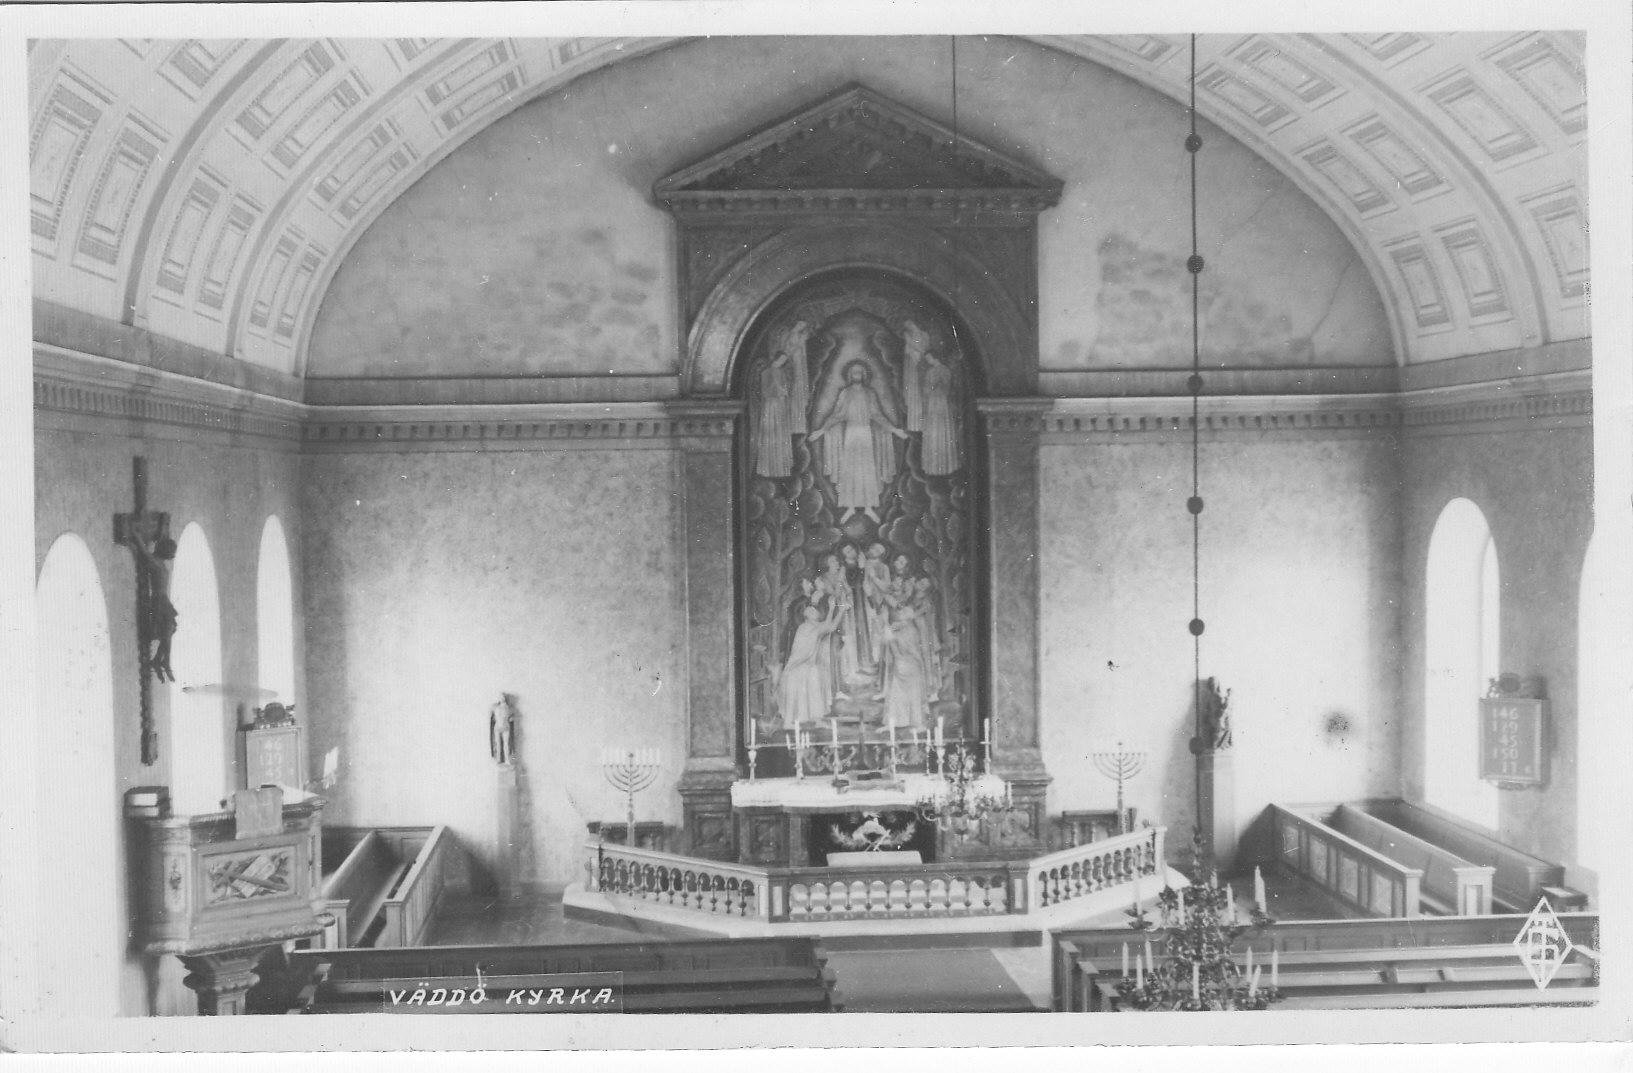 Efter 1926.Fönstren runt altartavlan sattes igen 1926 men togs fram 1969/70